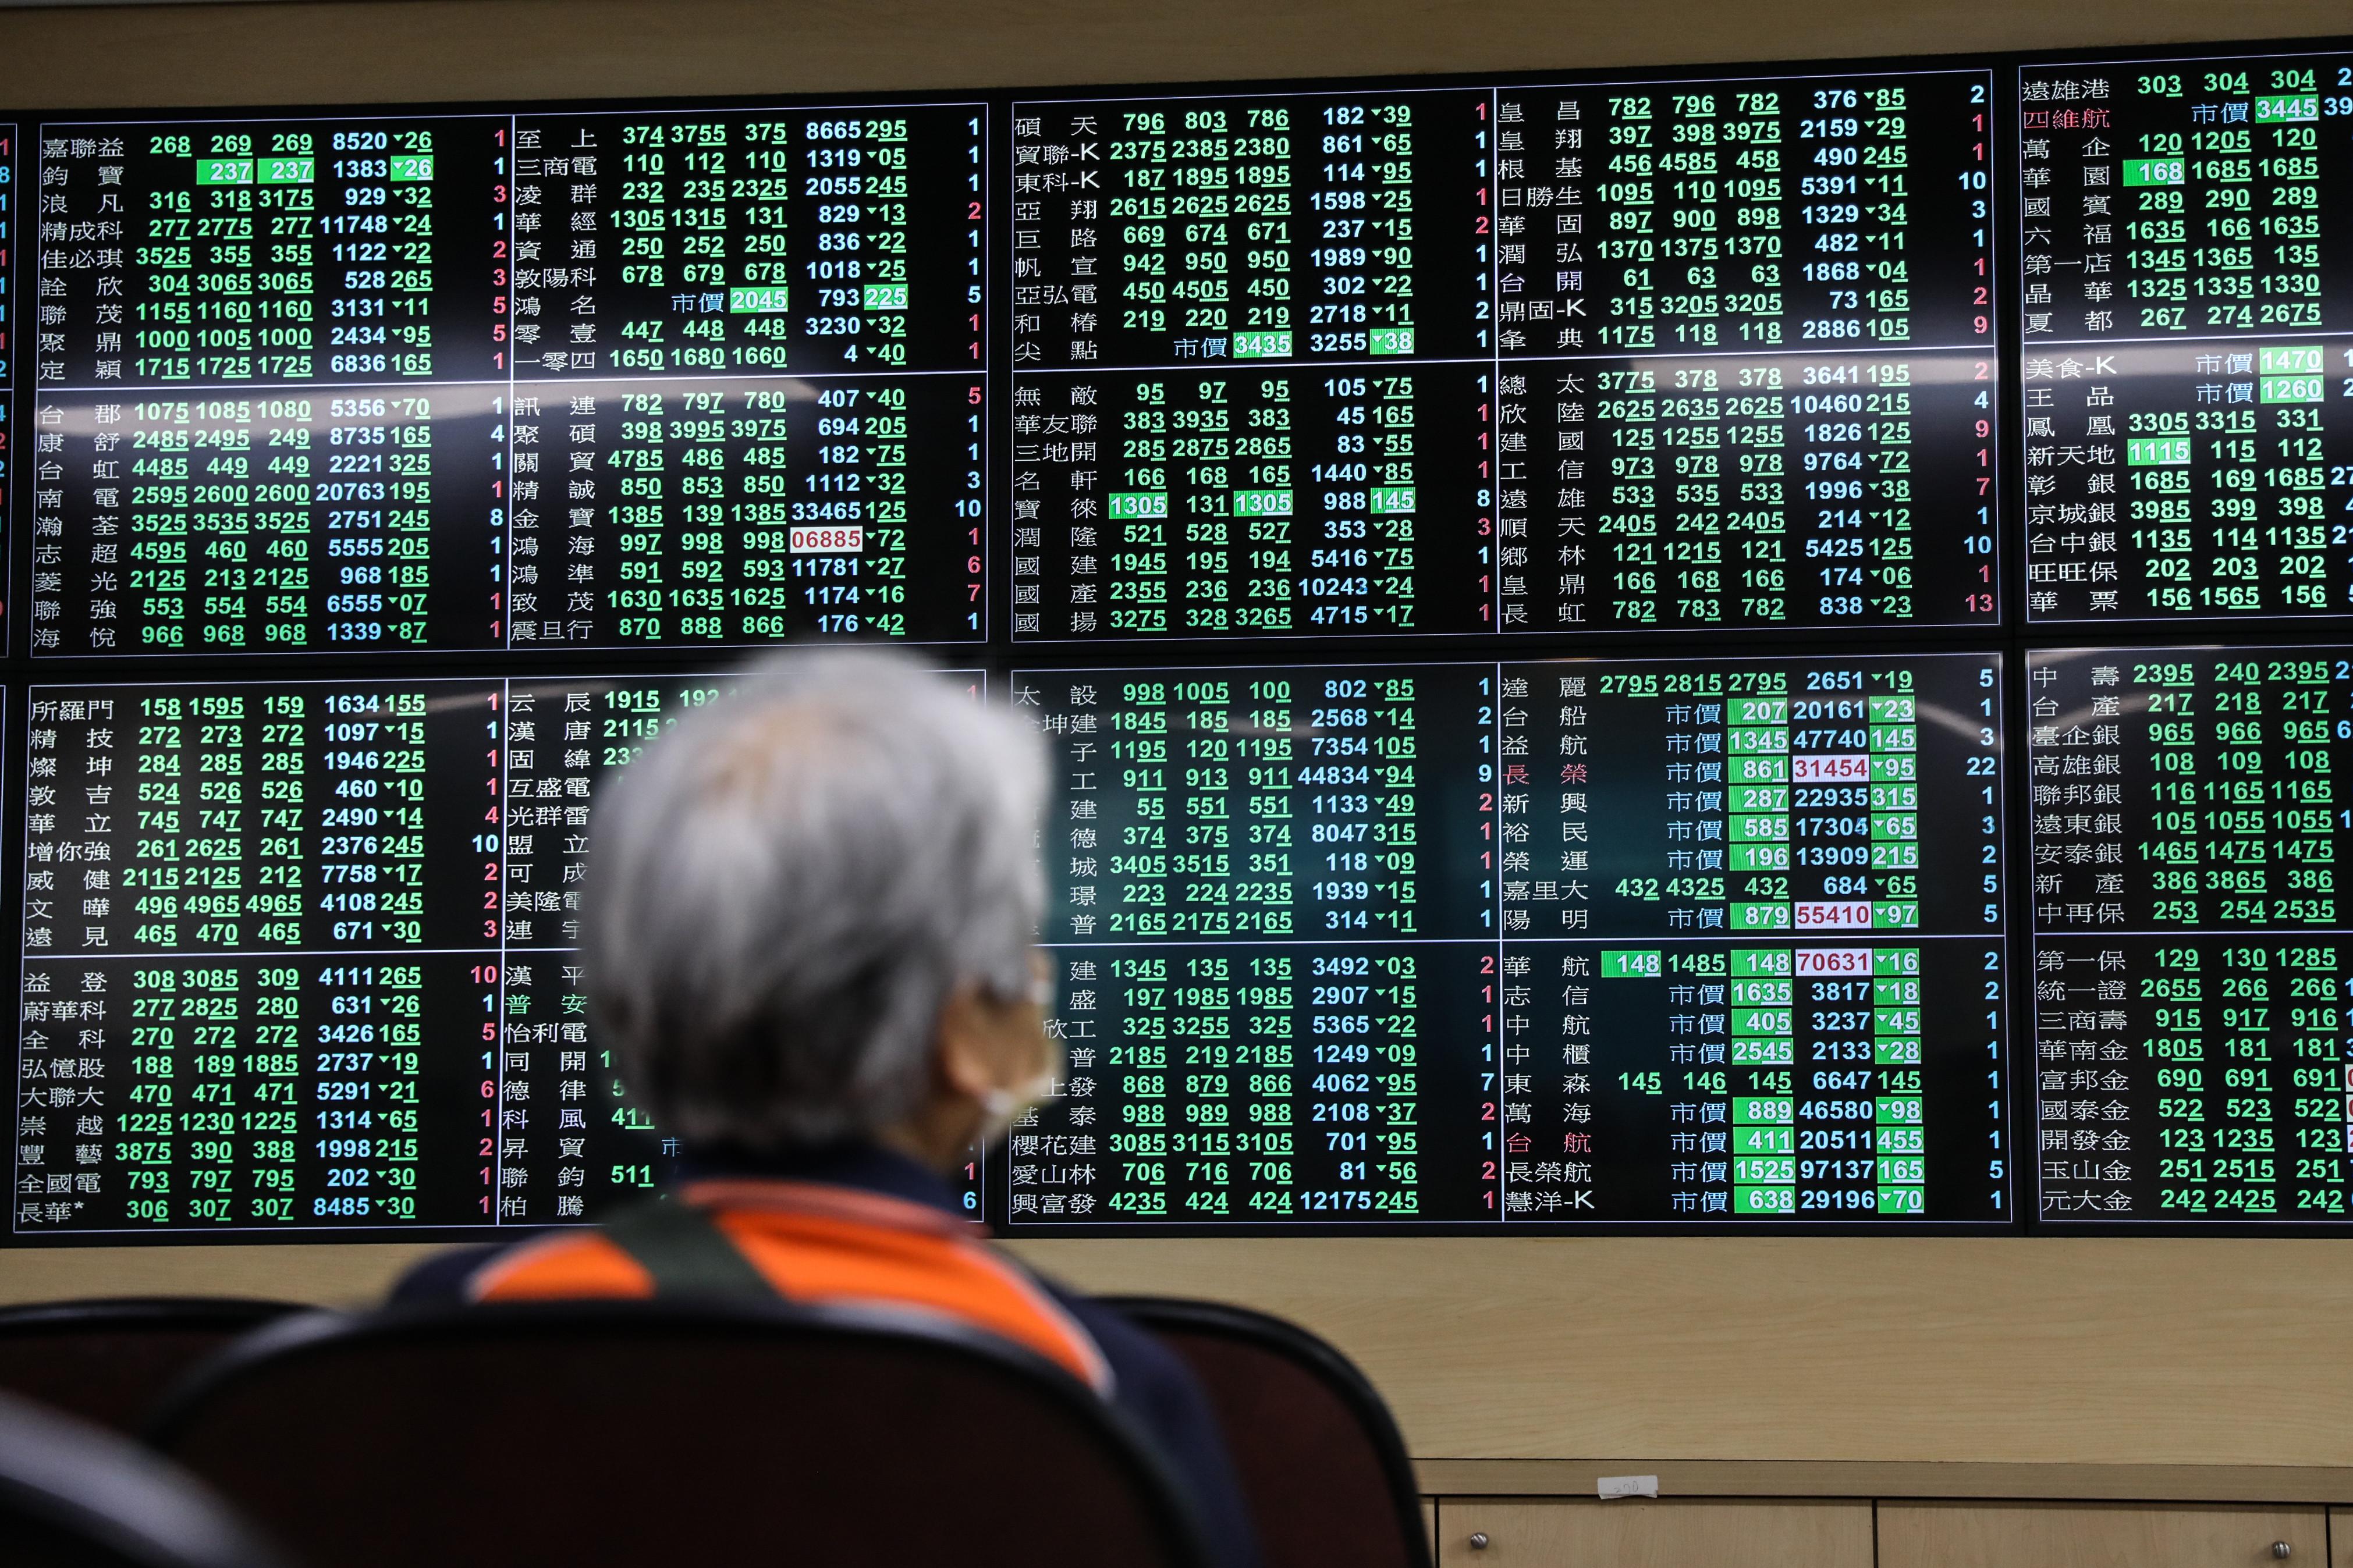 ▲台股今(12)日盤中一度重挫逾1400點,創下史上盤中最大跌幅,指數最低來到15165點。(圖/記者林敬旻攝)